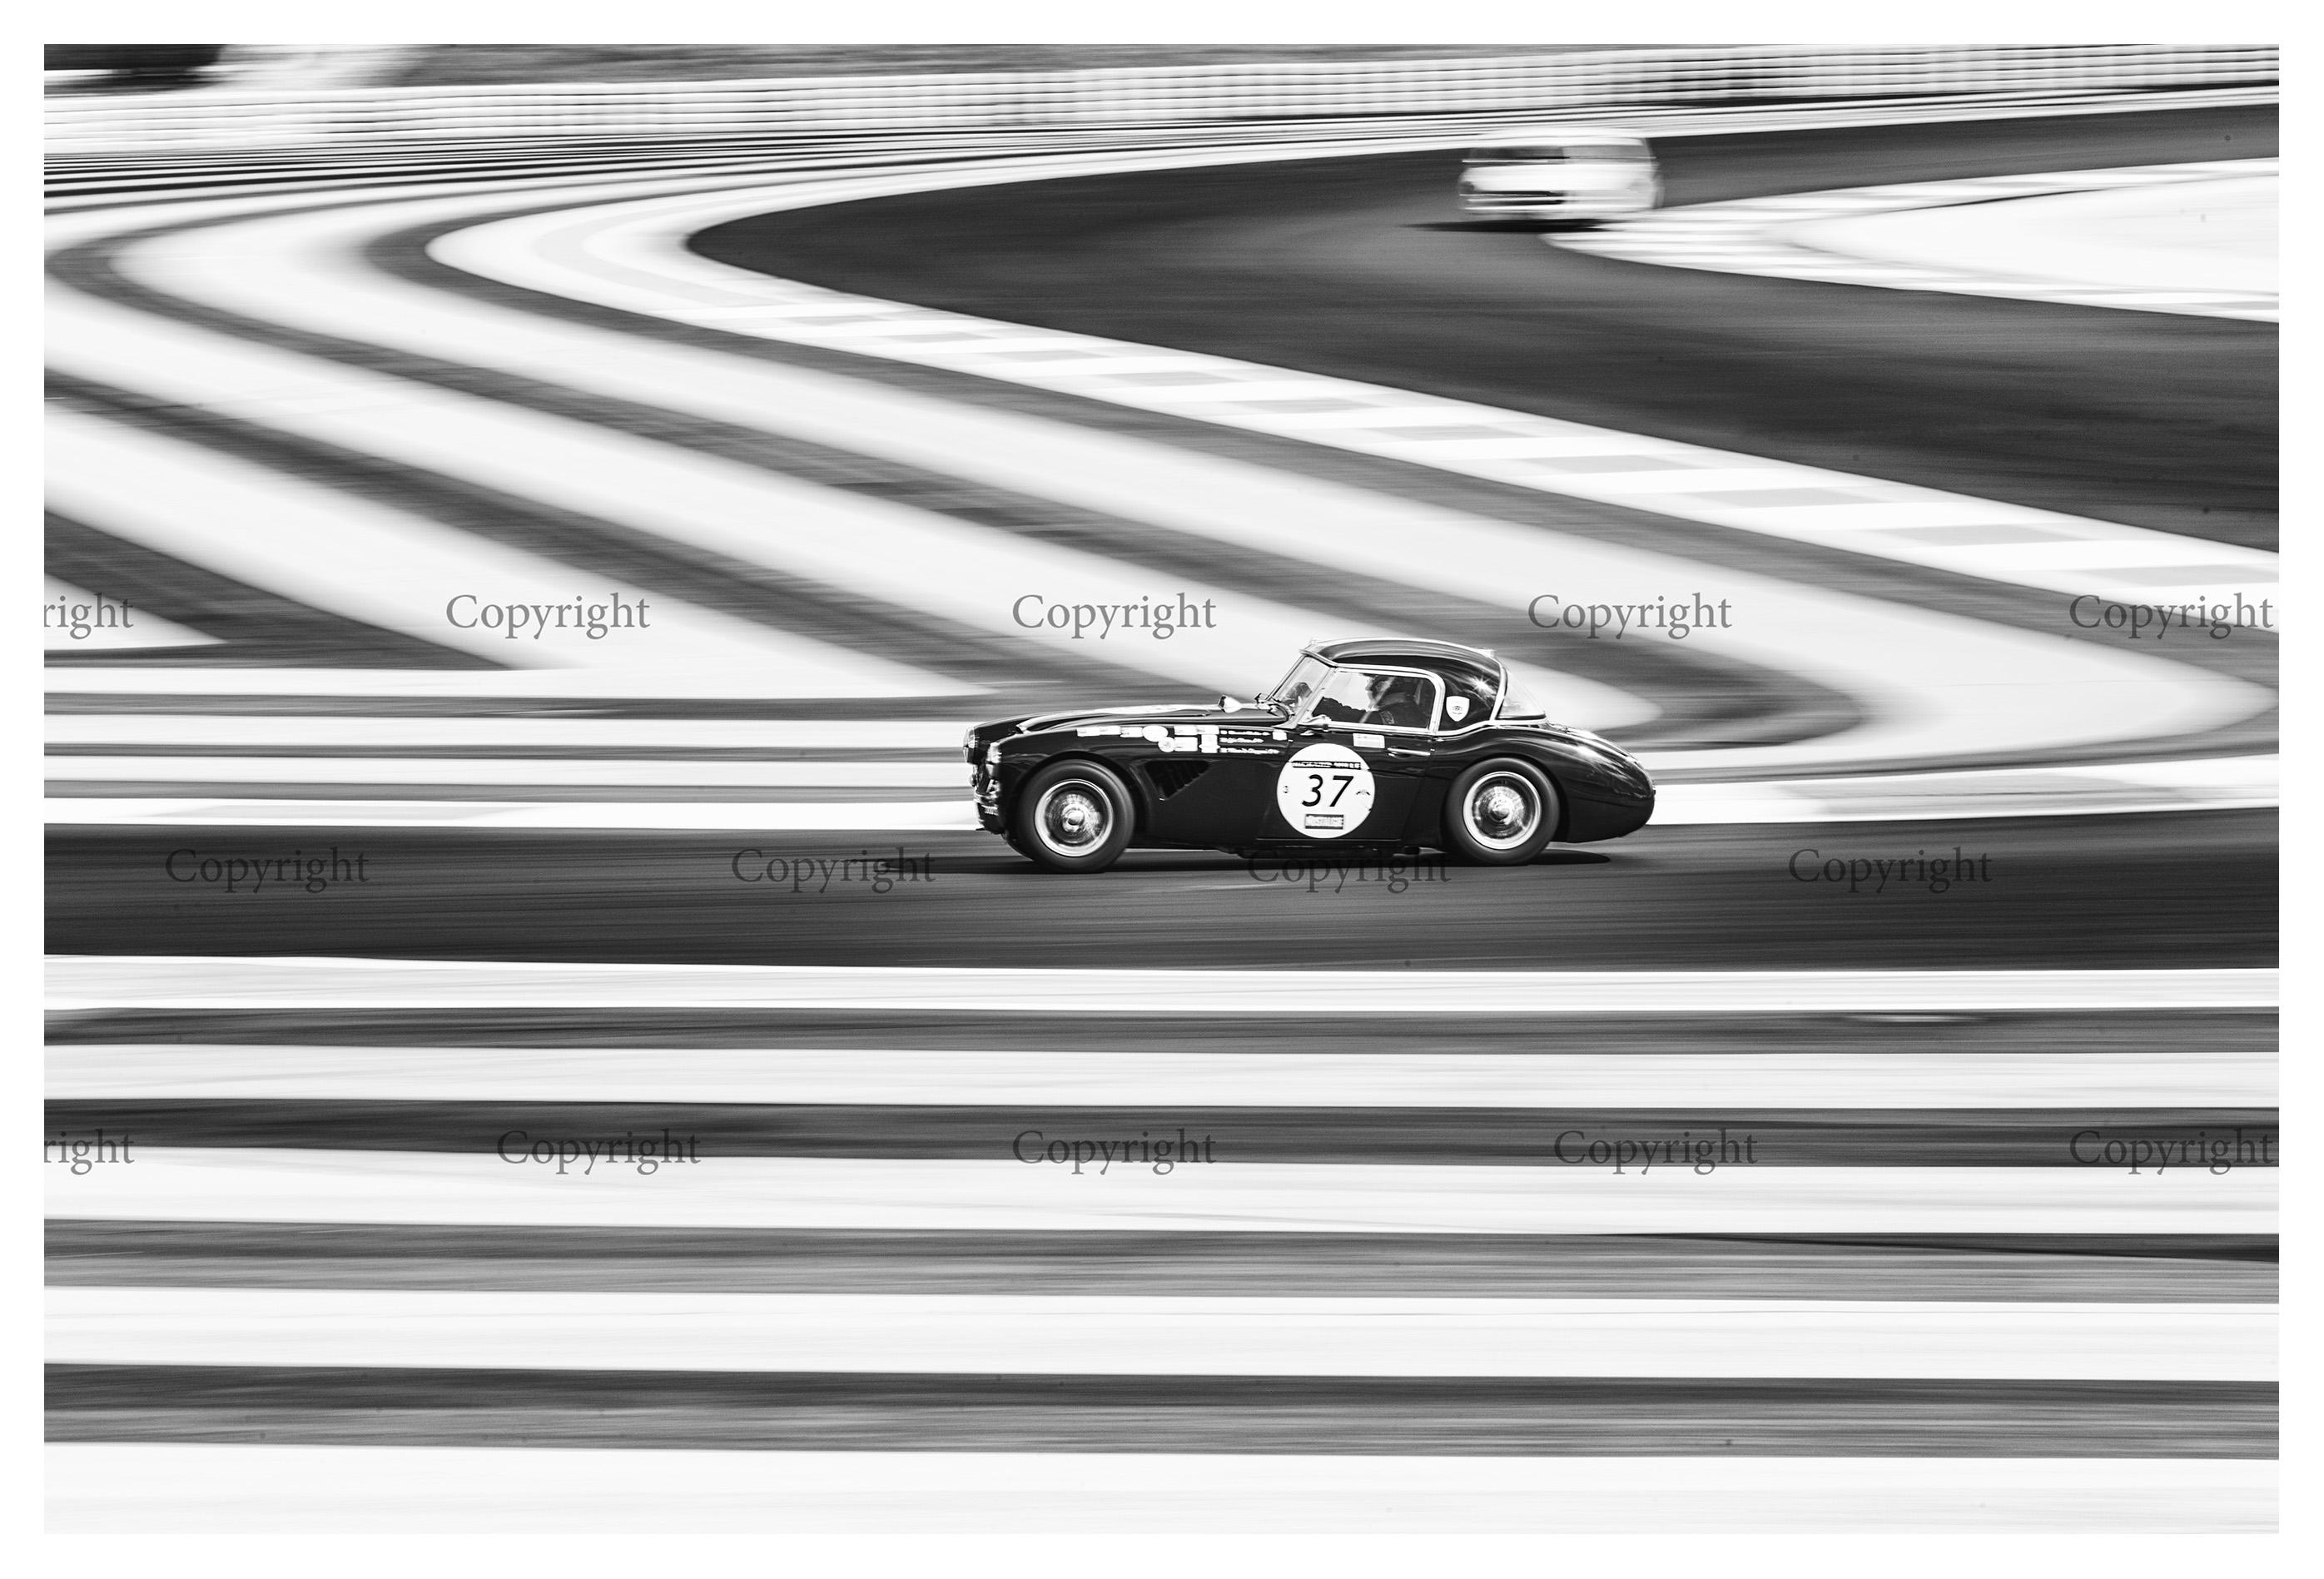 Austin Healey 3000 MK2 (1962)